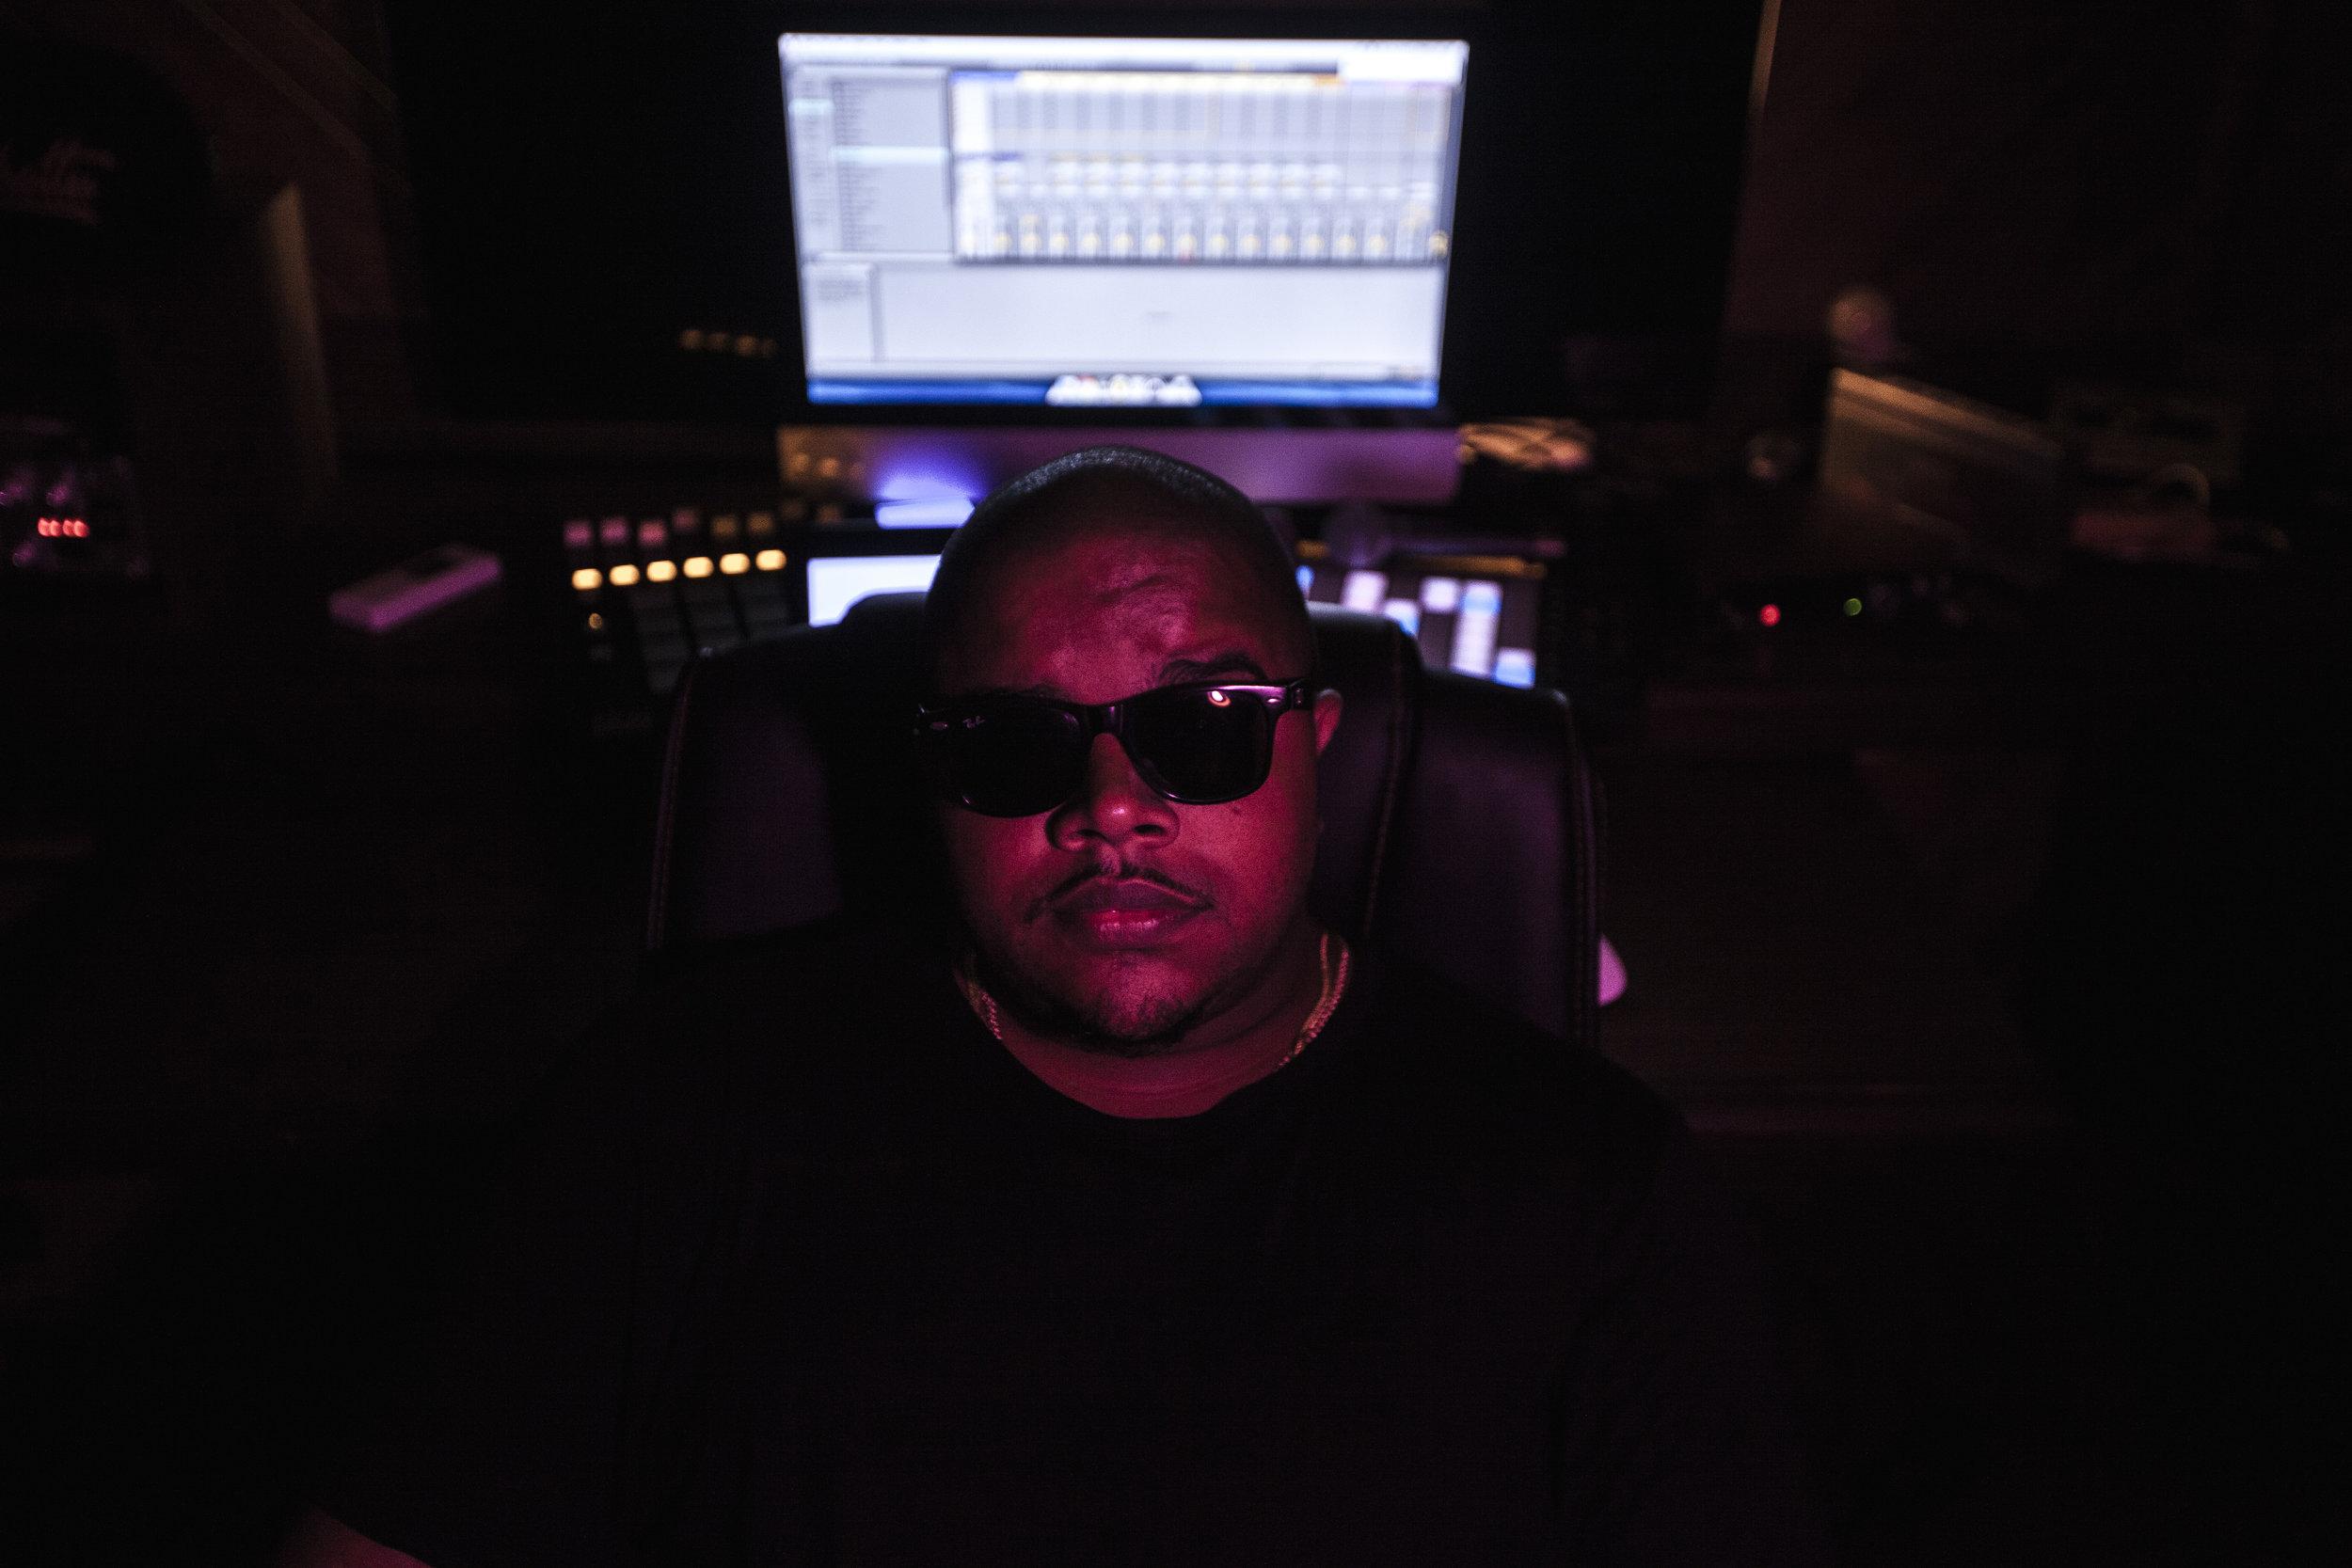 DJ LN - Das picapes pro studio. Do studio pras picapes.Sete anos de estrada. DJ LN se aproximou da discotecagem em um curso que fez na CUFA e mais tarde aprimorou os seus conhecimentos sobre essa arte através do Redbull Favela Beats, na época oferecido pelo Afroreggae. Foi neste momento que conheceu Marcelo Dughettu, fundador da DUTO.DJ LN faz parte do time Duto desde a fundação da produtora, em 2012, onde atua como Produtor Musical e Assistente de Áudio.Ao longo deste tempo já produziu artistas como Kayua, Marcão Baixada, Sant, Paulo Sad, Júnior Clash, Mabili, Jota Jr y Macine, entre outros.